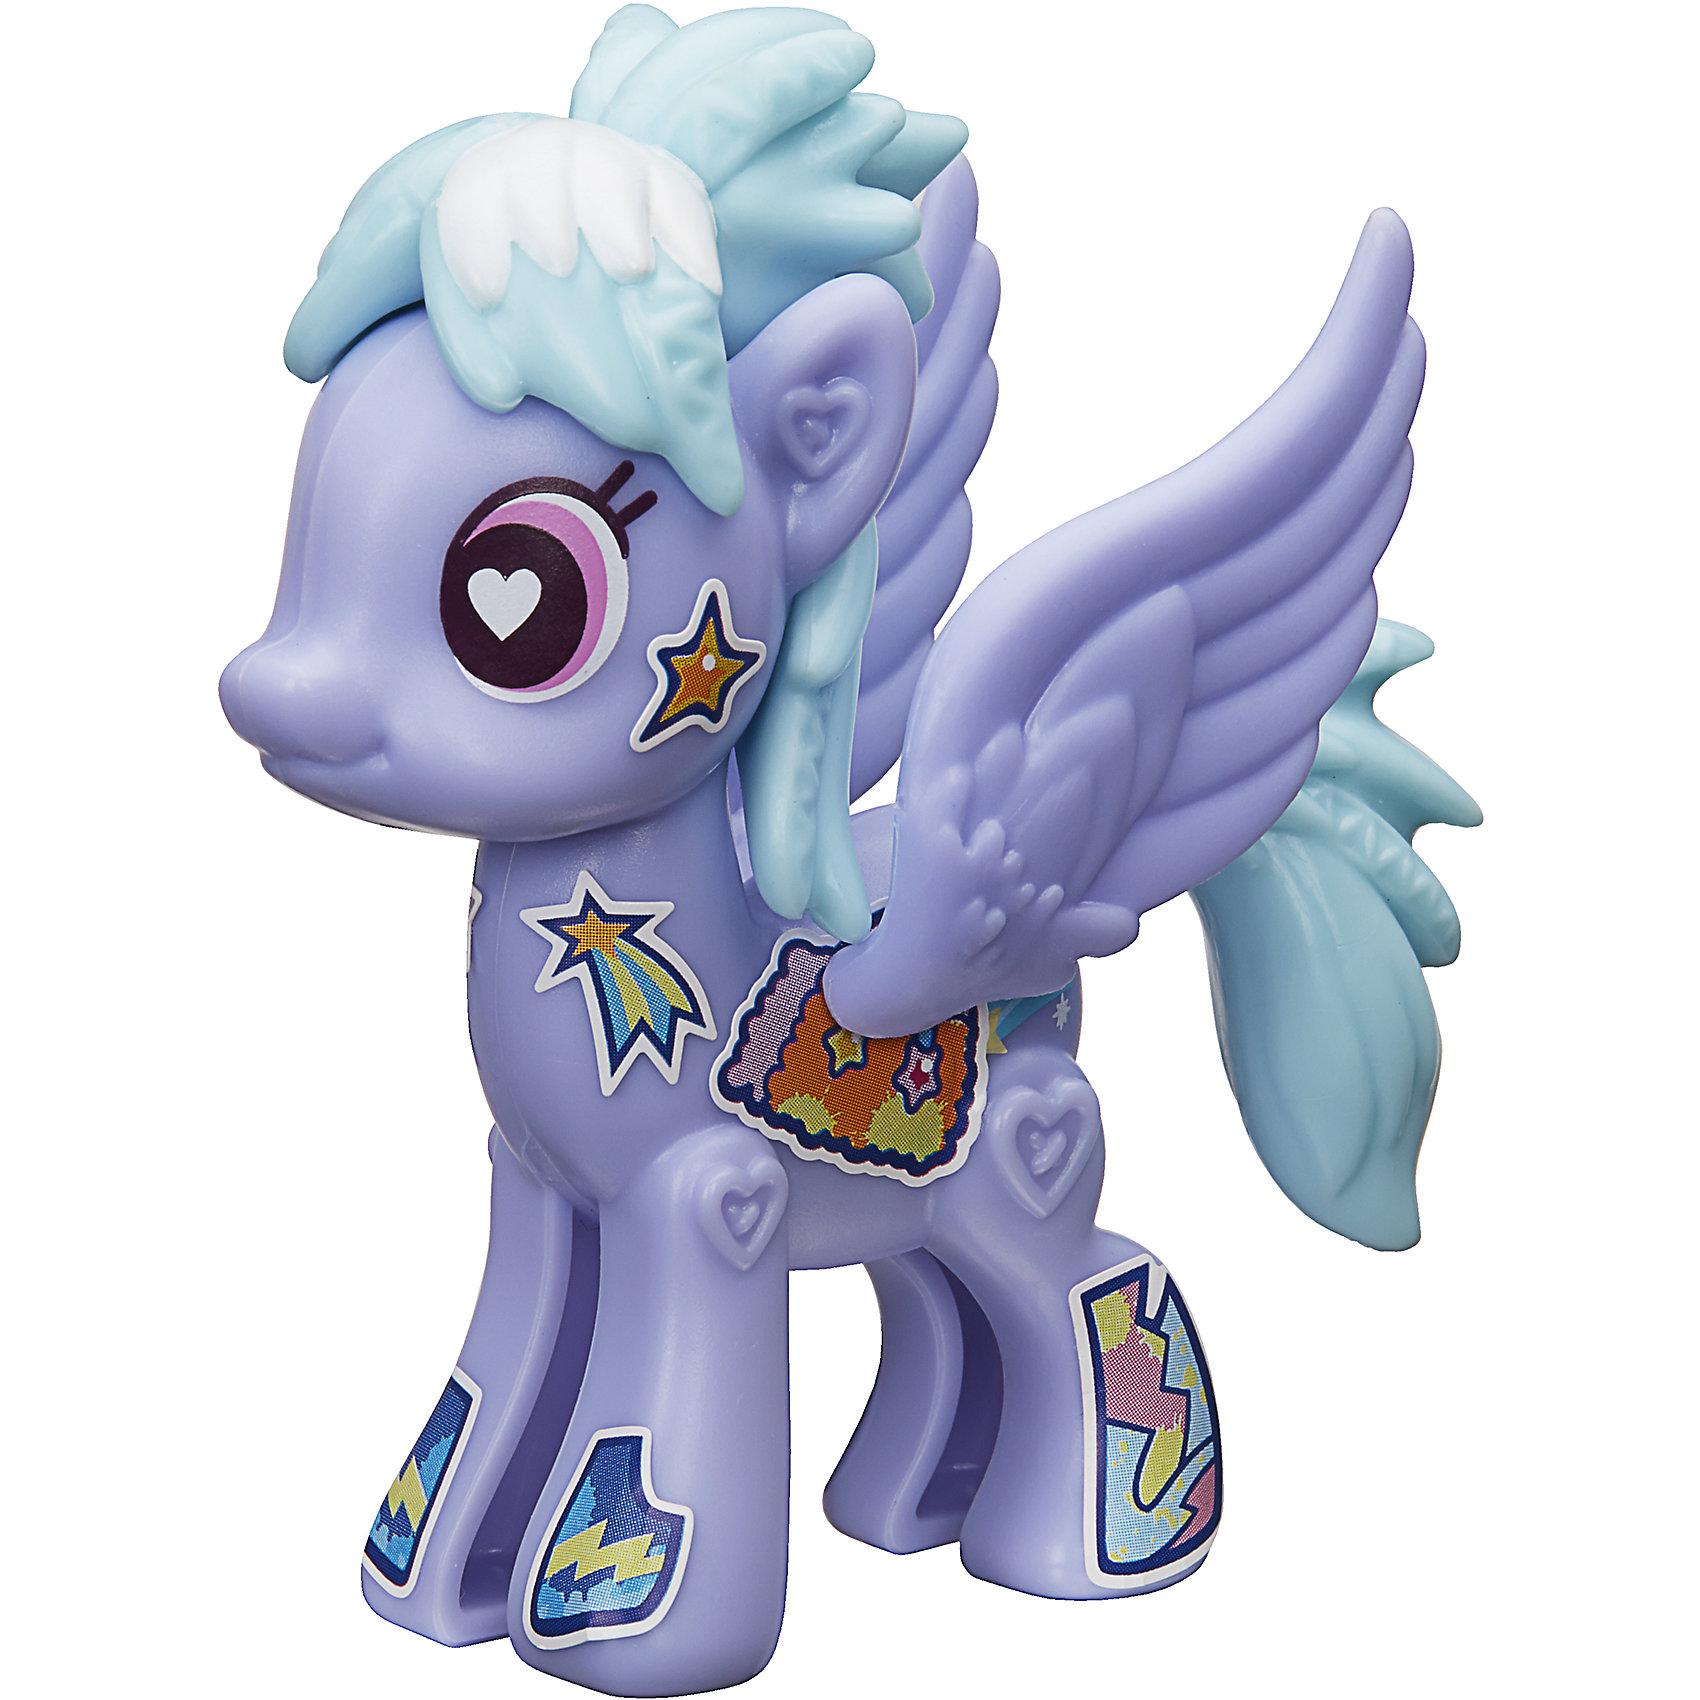 Игровой набор Hasbro My little Pony Создай свою пони, Клауд ЧейзерПопулярные игрушки<br>Характеристики товара:<br><br>• возраст: от 4 лет;<br>• материал: пластик;<br>• в комплекте: фигурка пони, аксессуары;<br>• размер упаковки: 20,5х14,9х16,2 см;<br>• вес упаковки: 65 гр.;<br>• страна производитель: Китай.<br><br>Игровой набор «Создай свою пони» My Little Pony создан по мотивам известного мультсериала. В наборе фигурка пони и аксессуары для придания пони стильного образа. Наклейками можно украсить пони, проявив фантазию.<br><br>Игровой набор «Создай свою пони» My Little Pony Hasbro B3592/B5108 можно приобрести в нашем интернет-магазине.<br><br>Ширина мм: 205<br>Глубина мм: 162<br>Высота мм: 149<br>Вес г: 65<br>Возраст от месяцев: 48<br>Возраст до месяцев: 2147483647<br>Пол: Женский<br>Возраст: Детский<br>SKU: 6674420